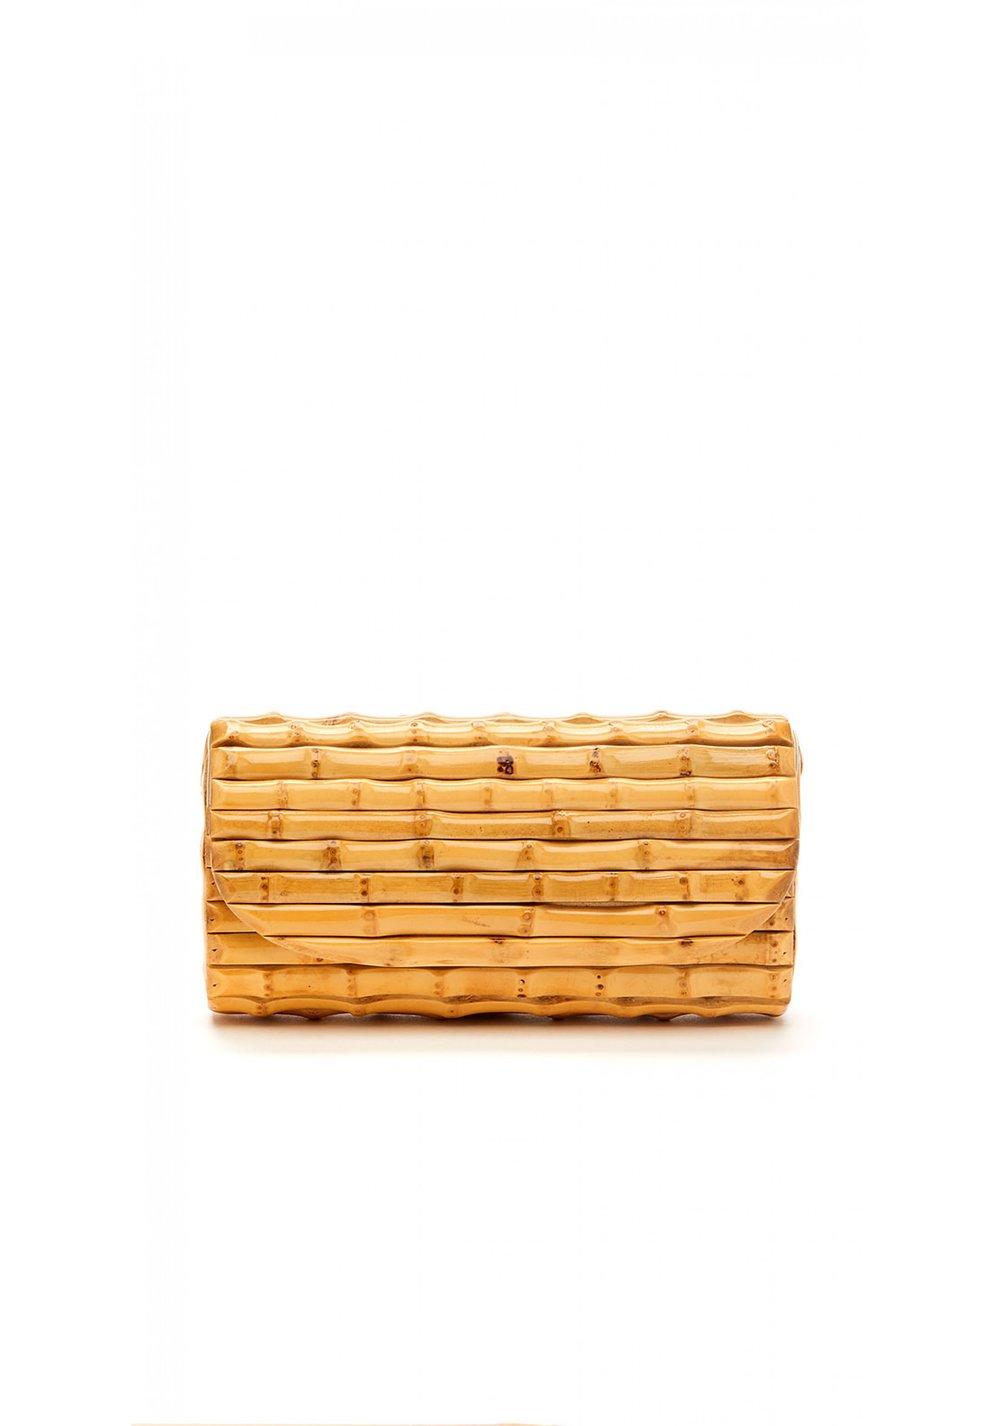 bamboo_F0015661022_natural_3.jpg